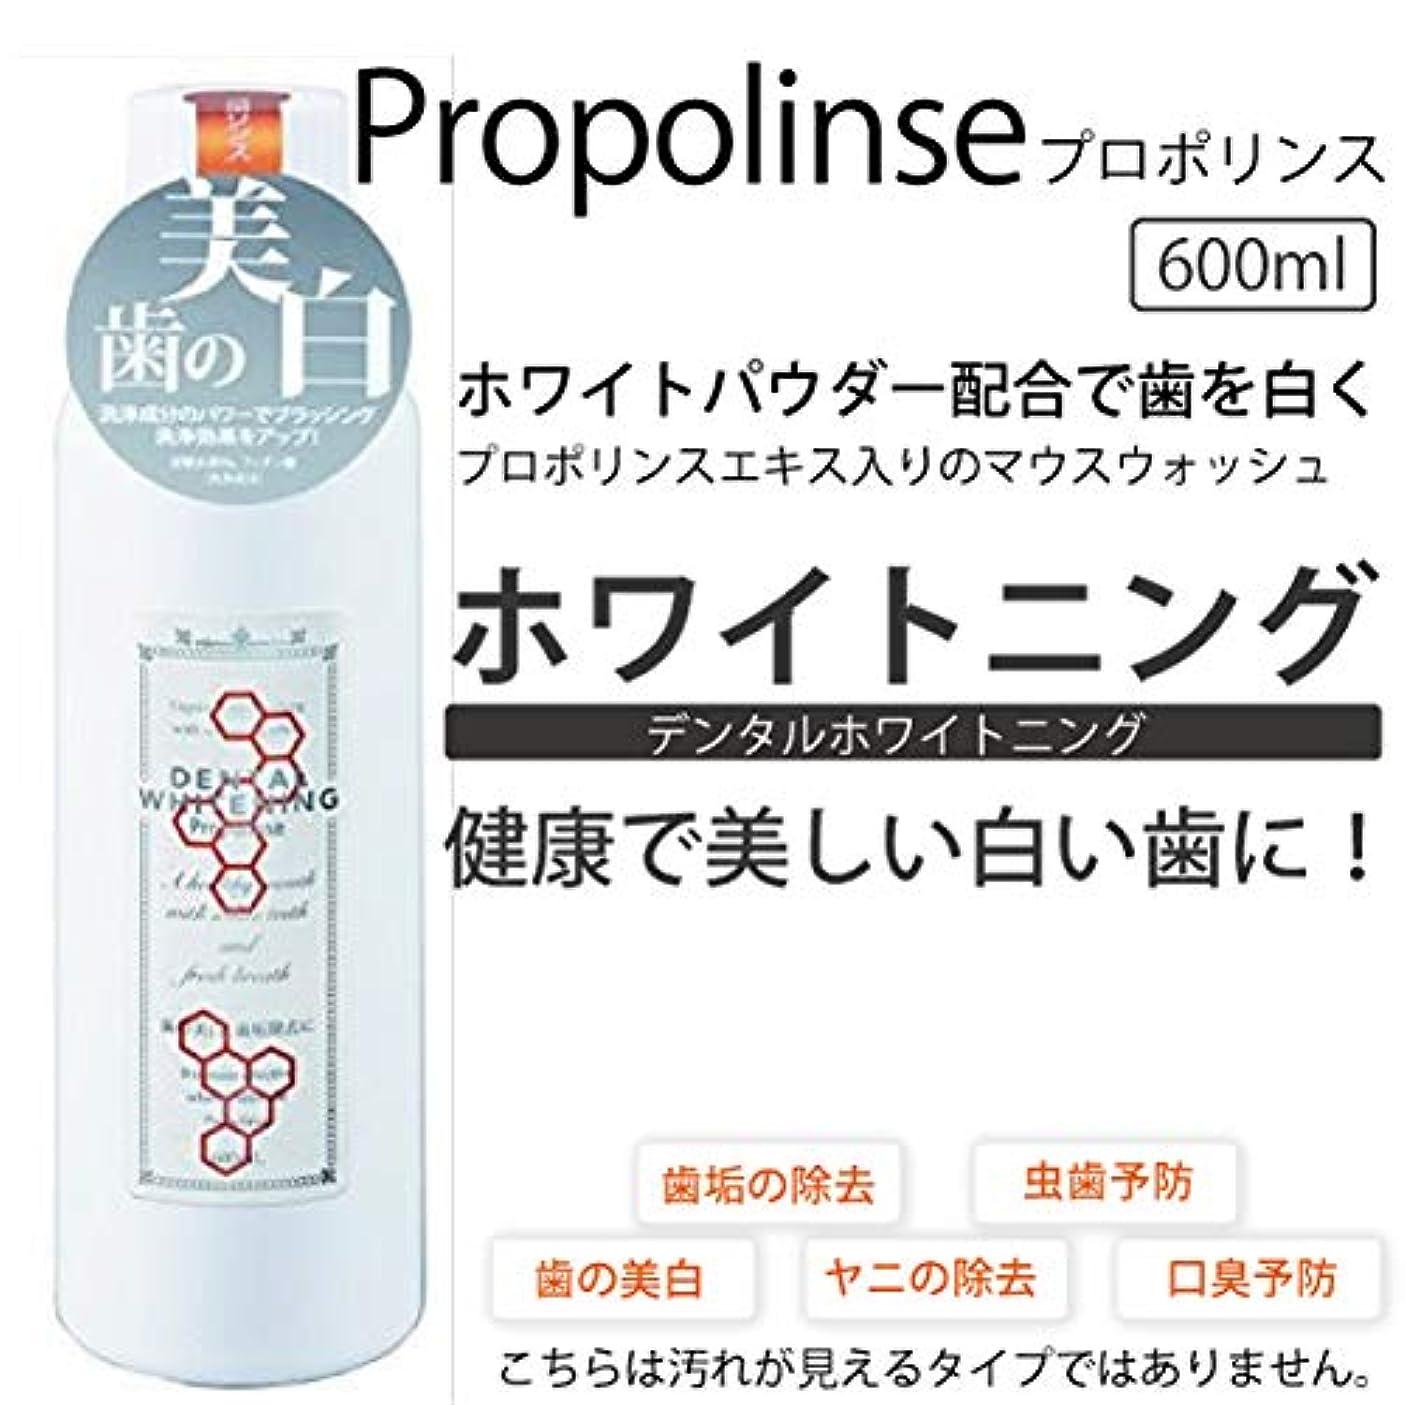 感謝祭静かな気づかないプロポリンス マウスウォッシュ デンタルホワイトニング (ホワイトパウダー配合で歯を白く) 600ml [30本セット] 口臭対策